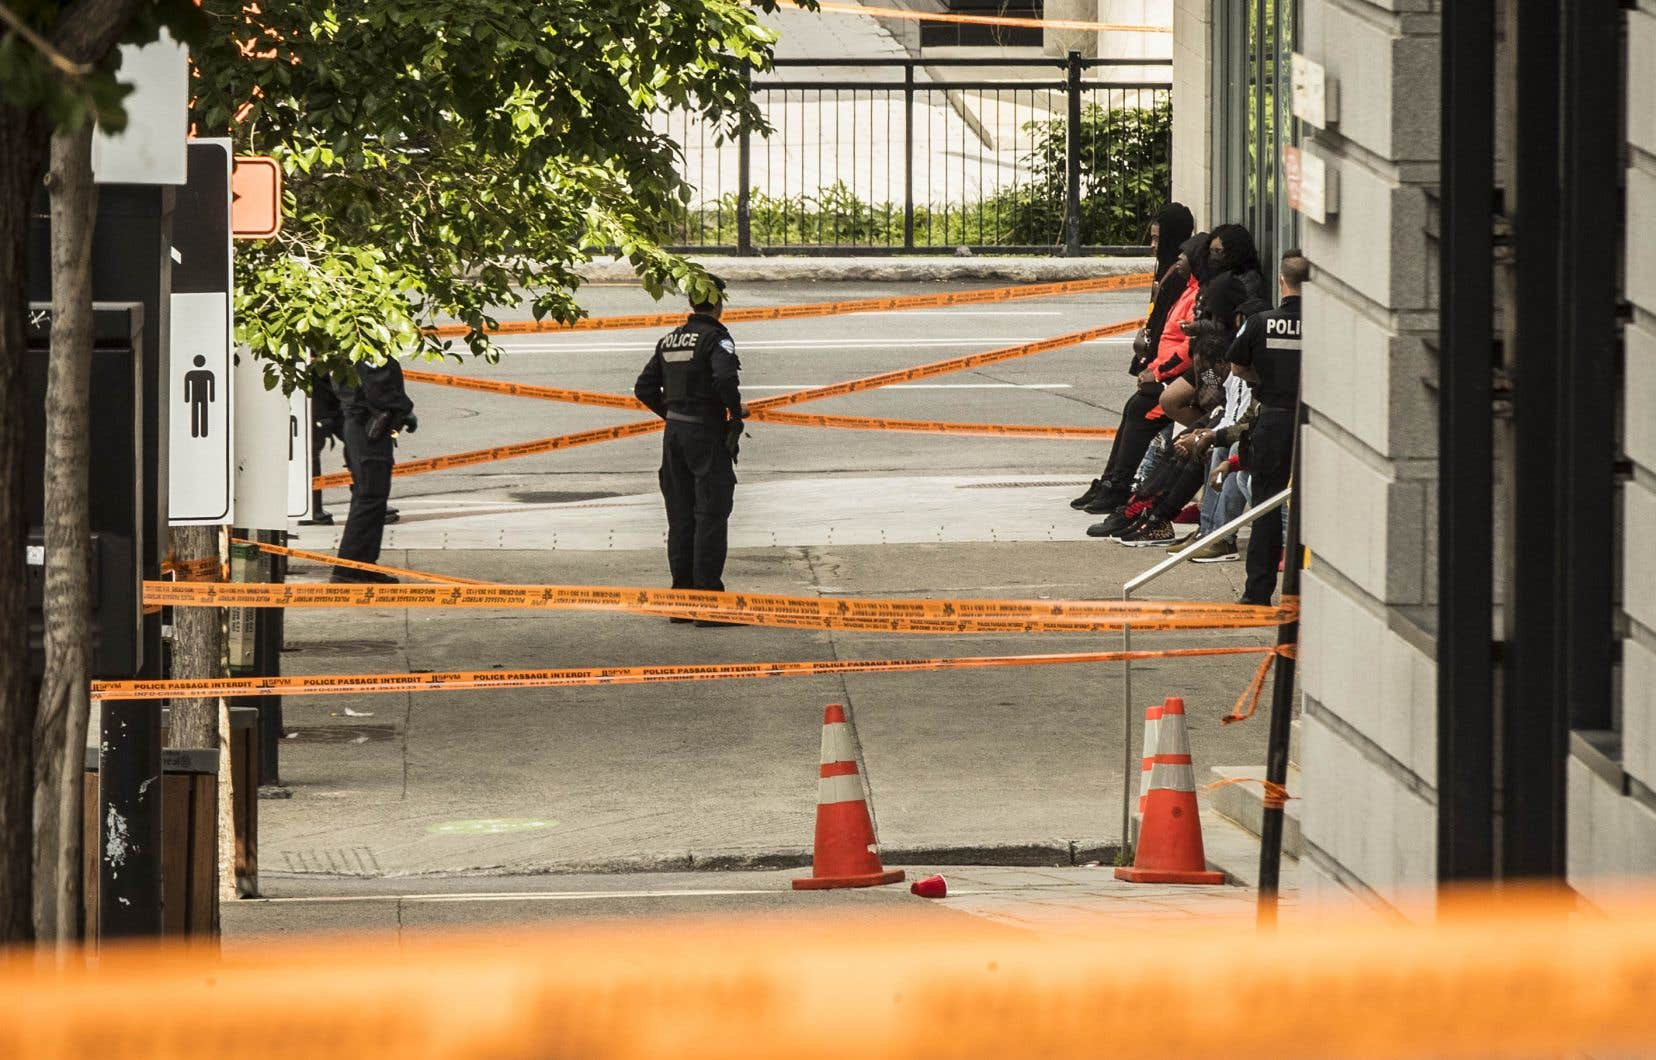 L'enquête du SPVM a rapidement permis de retrouver quatre suspects, dont la victime blessée, un homme de 29ans. Les autres suspects sont deux hommes de 25ans et un troisième de 36ans.